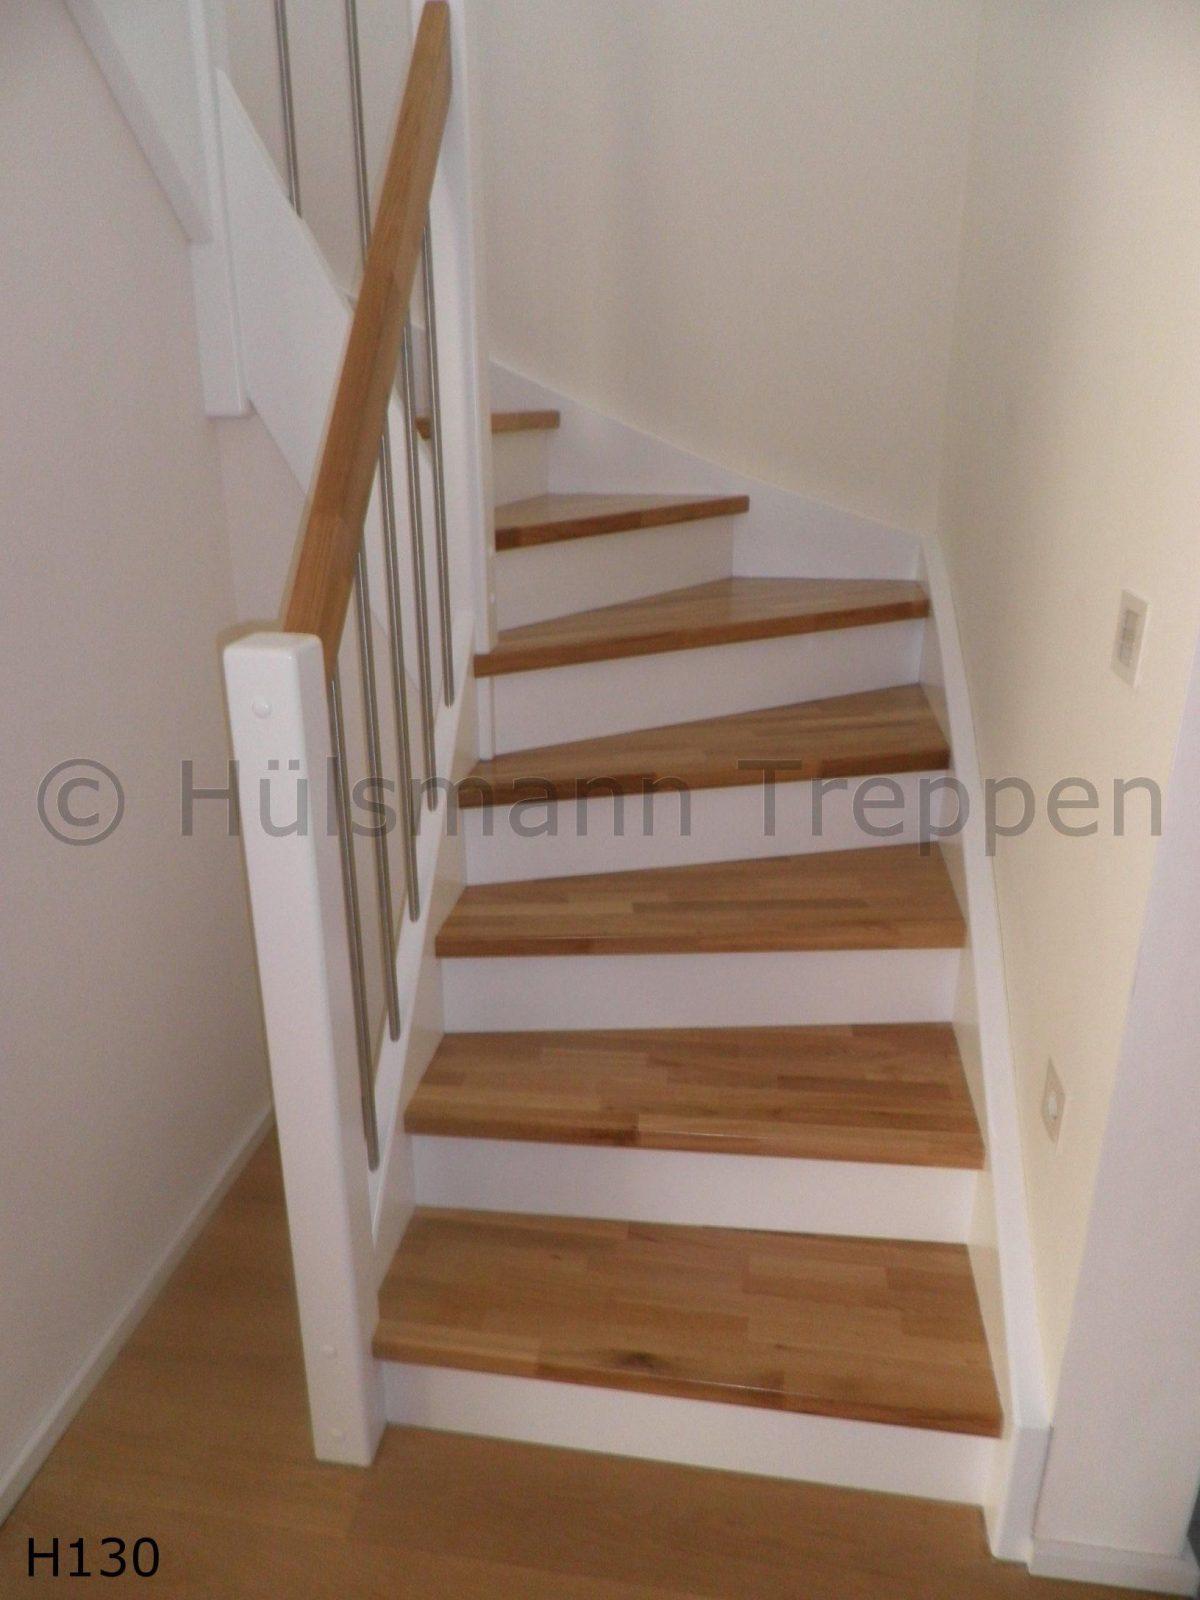 Pin Von Adéla Auf Zábradlí  Pinterest  Treppe Eingangsbereich von Holztreppe Streichen Ohne Abschleifen Photo